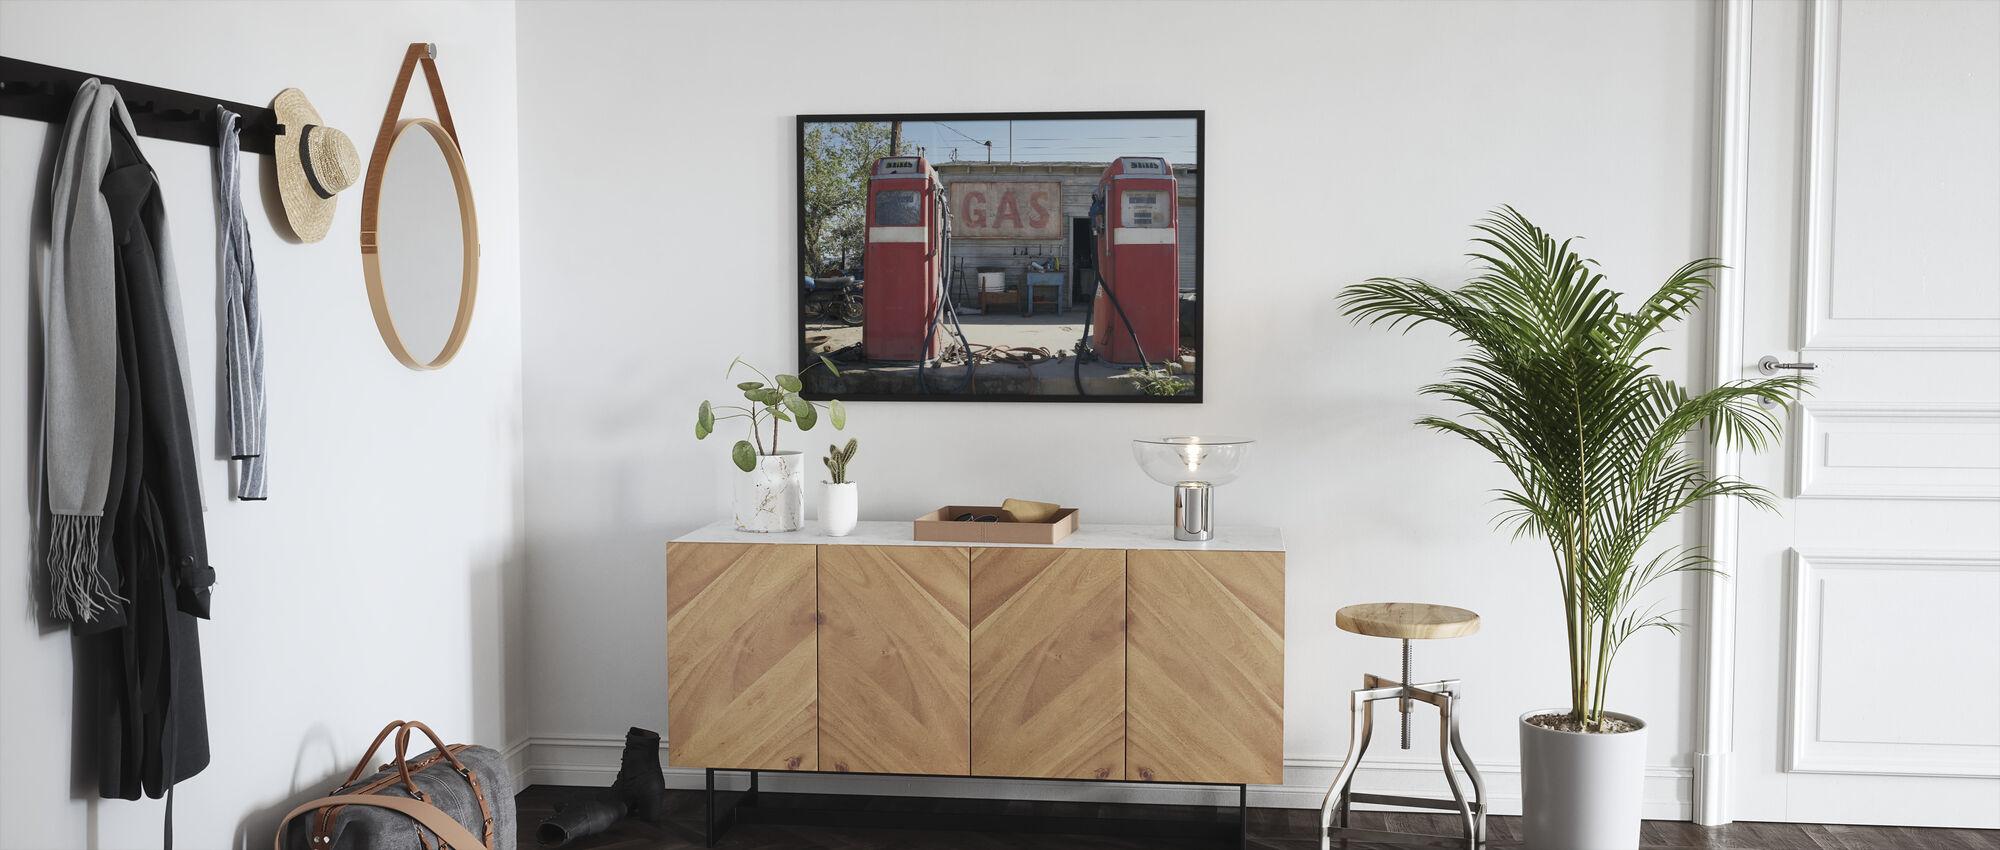 Retro Gas Pumps - Framed print - Hallway